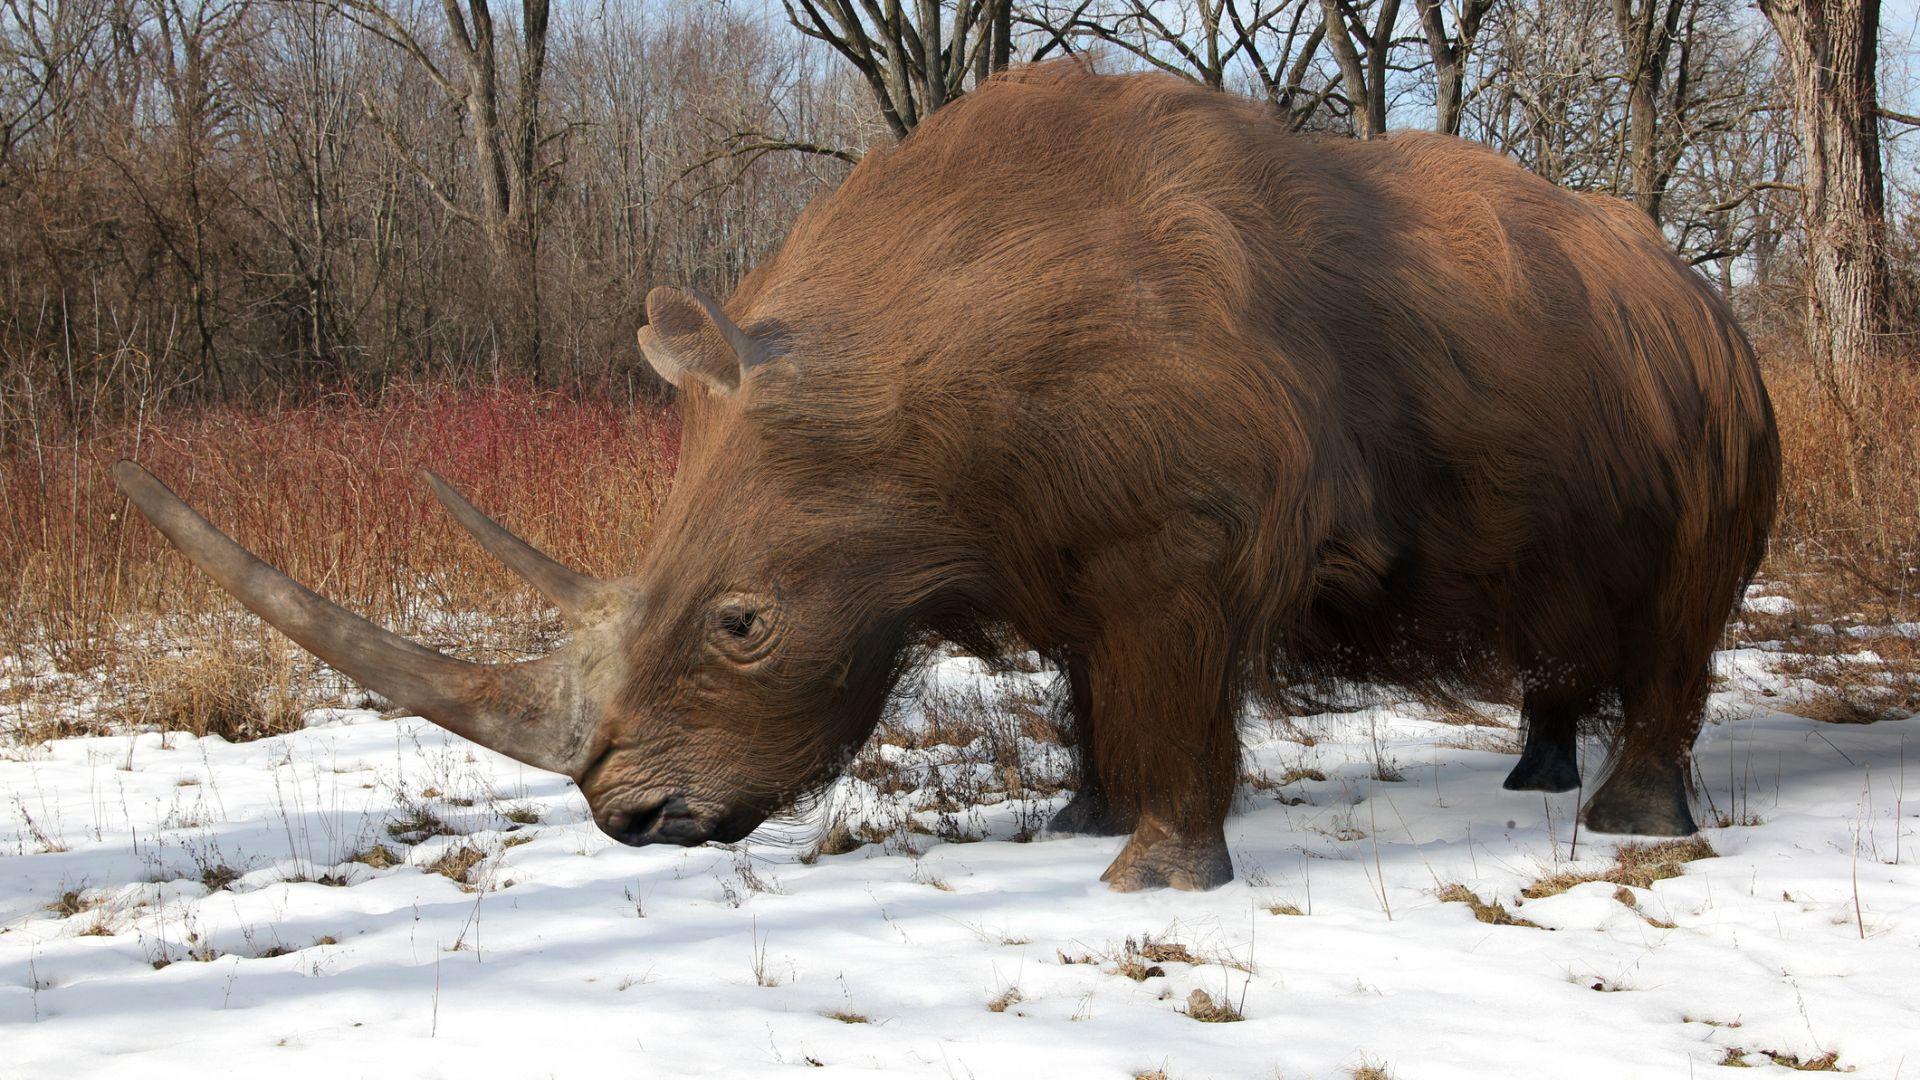 Вълнестият носорог е станал жертва на затоплянето както мамута